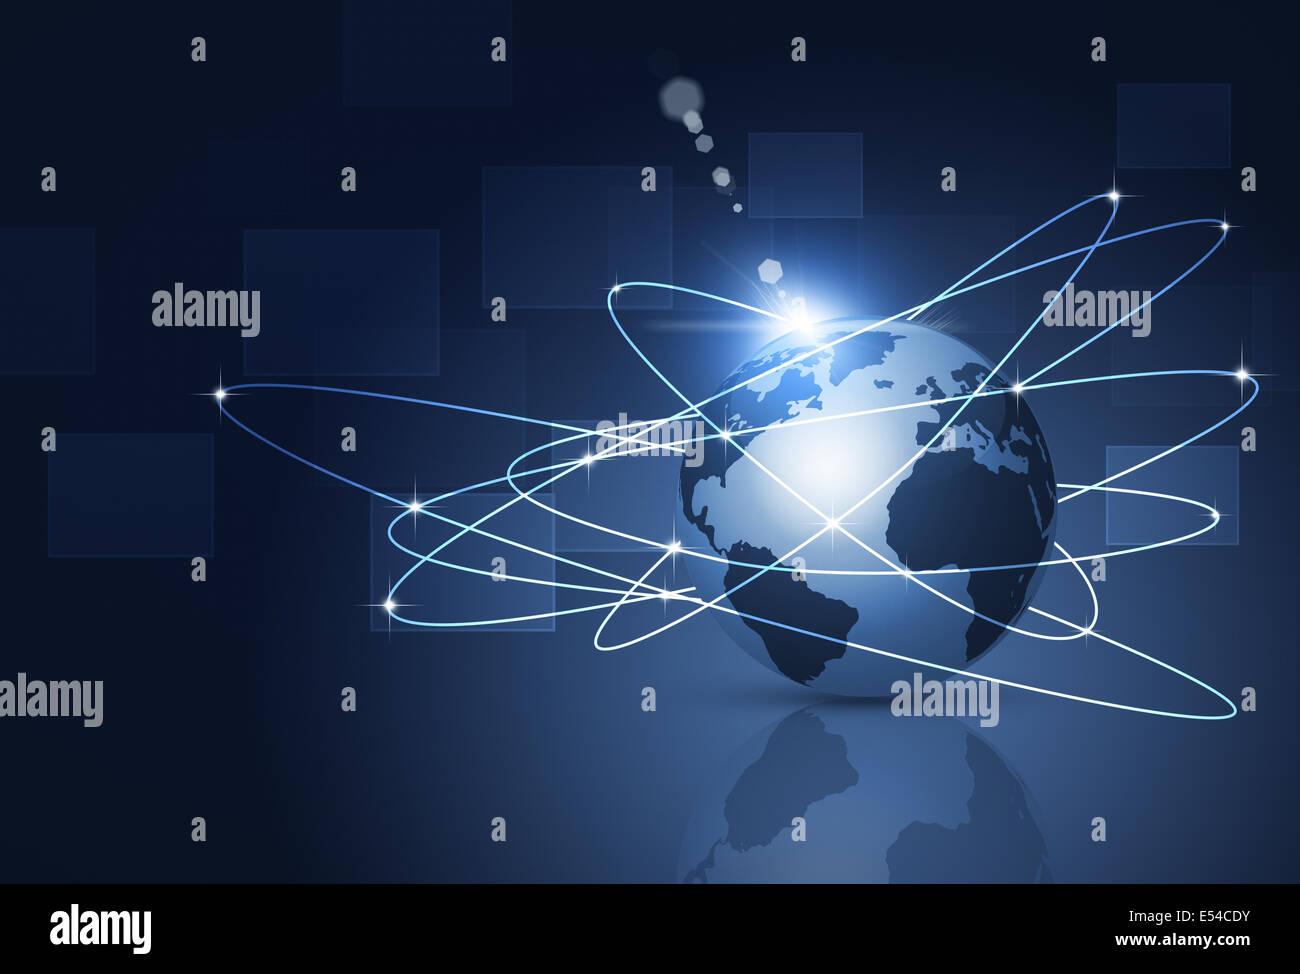 Abstracto concepto de negocios y tecnología de conexiones globales Imagen De Stock